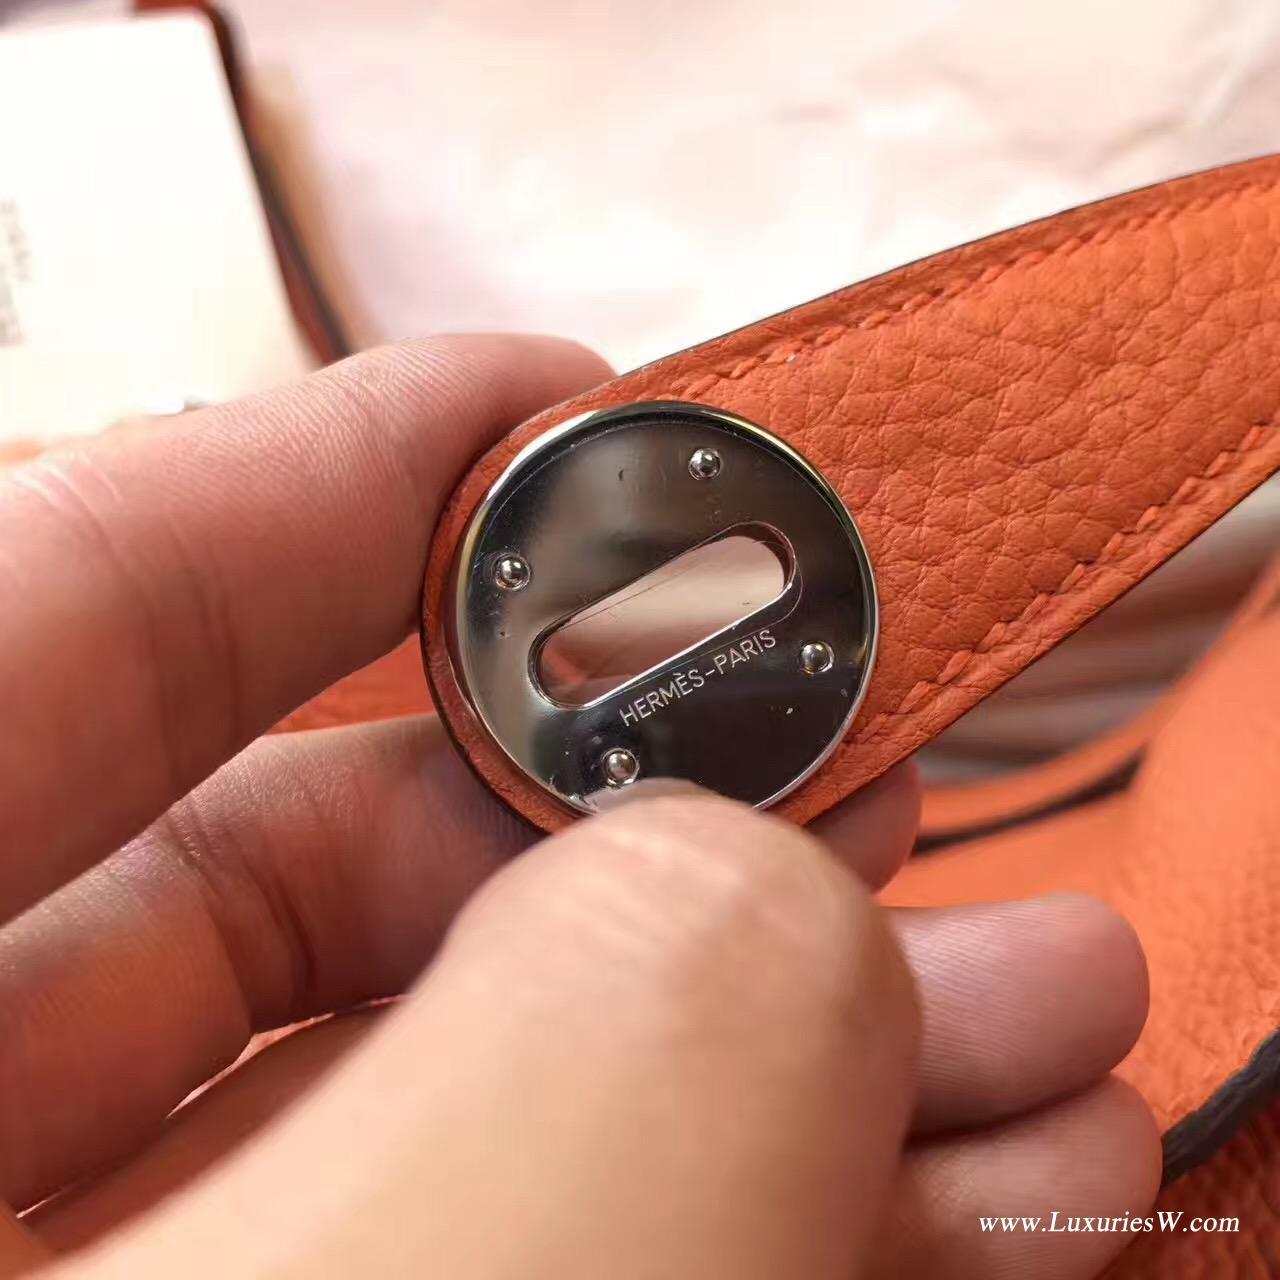 愛馬仕林迪Lindy 30 togo CK93 Orange經典 橙色銀色金屬